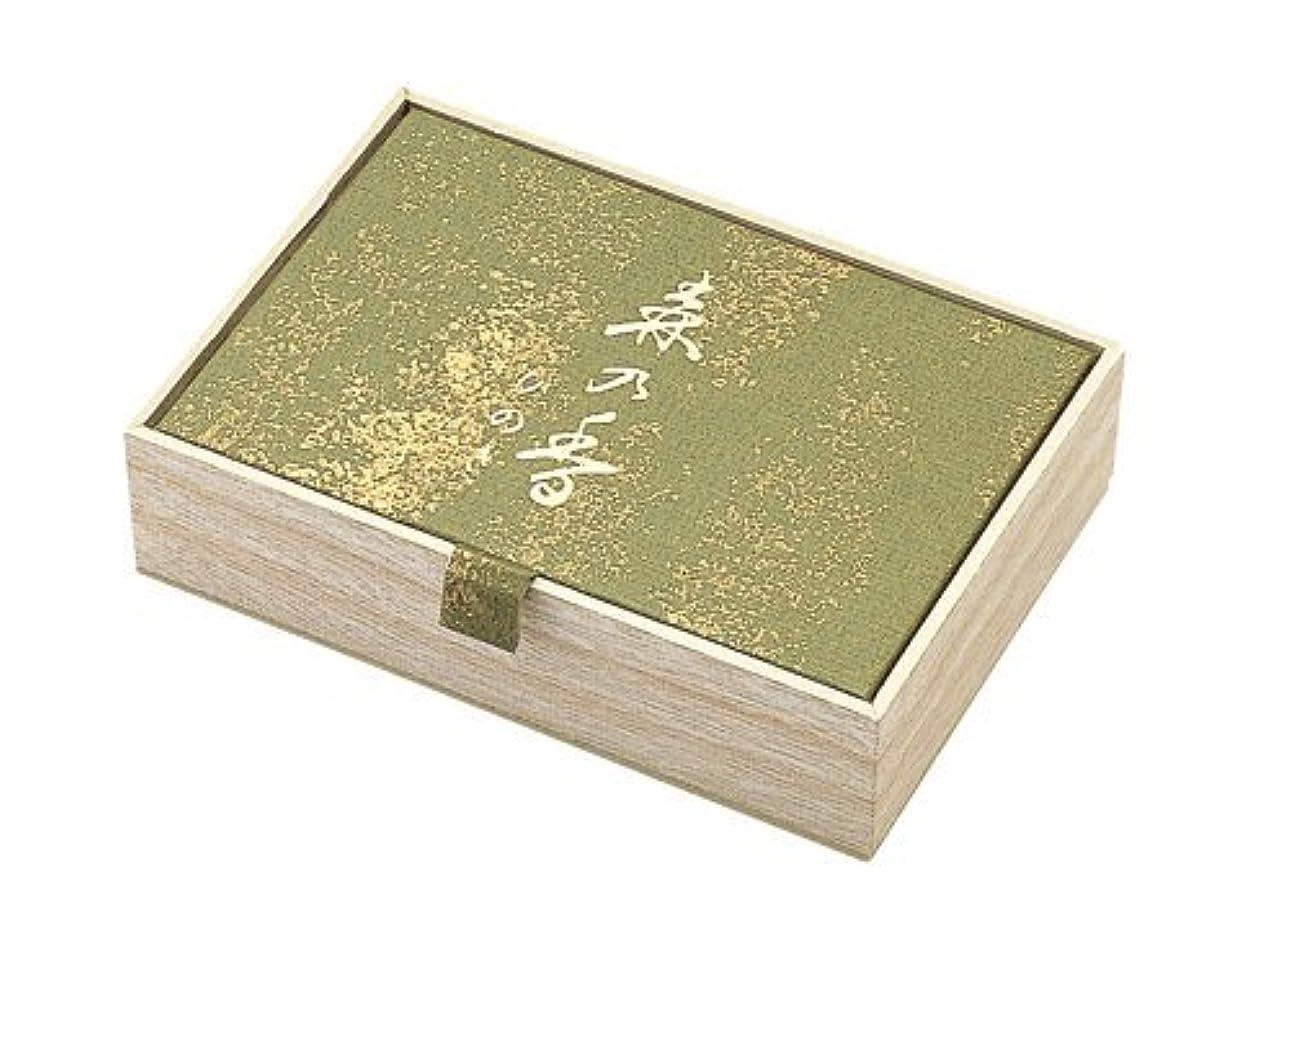 恥破壊的ホイッスル香木の香りのお香 森の香 ひのき スティック150本入